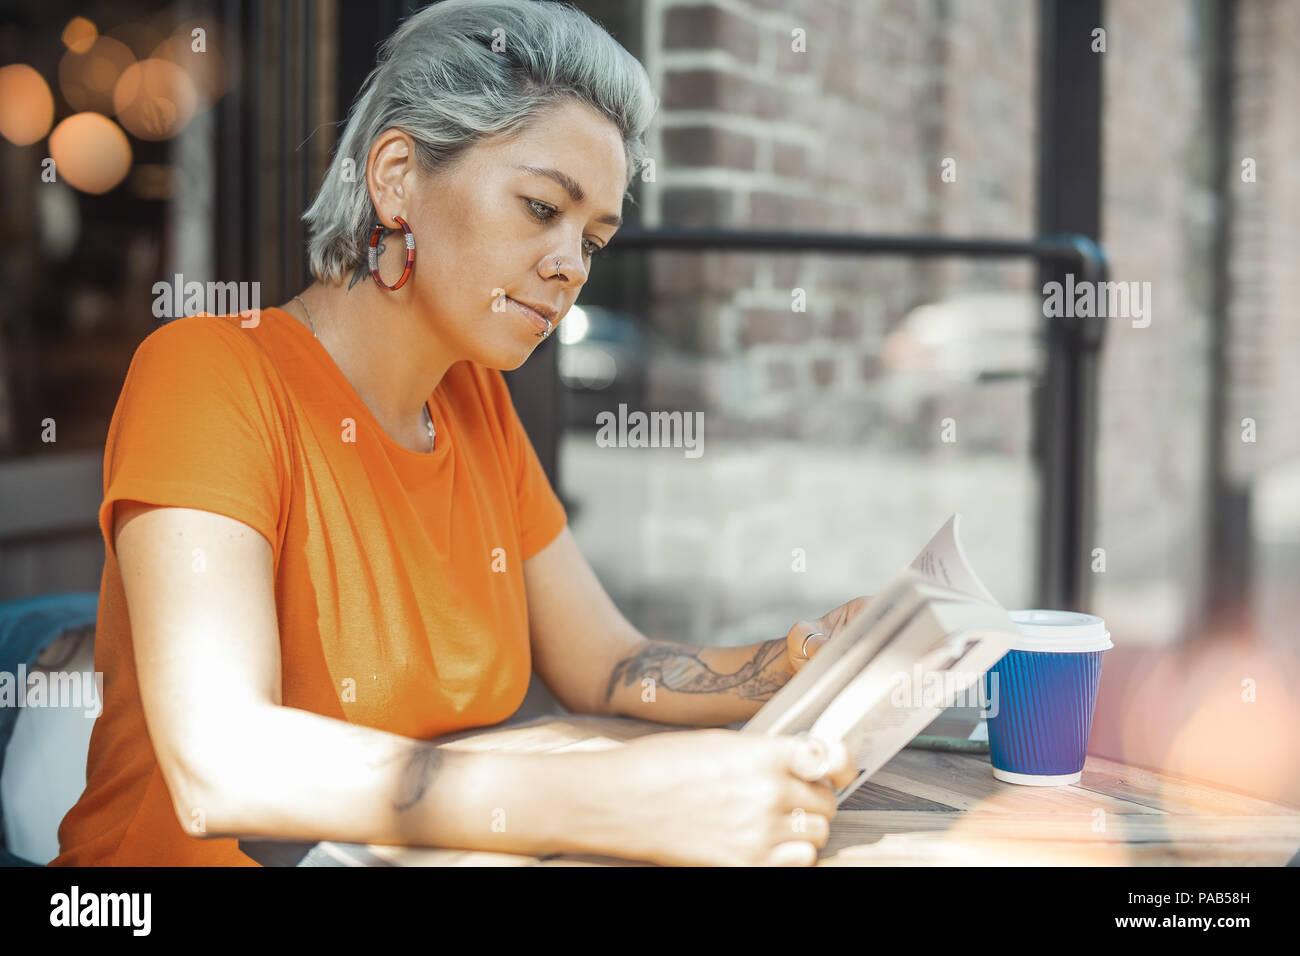 Tatuato attraente ragazza bionda libro di lettura Immagini Stock